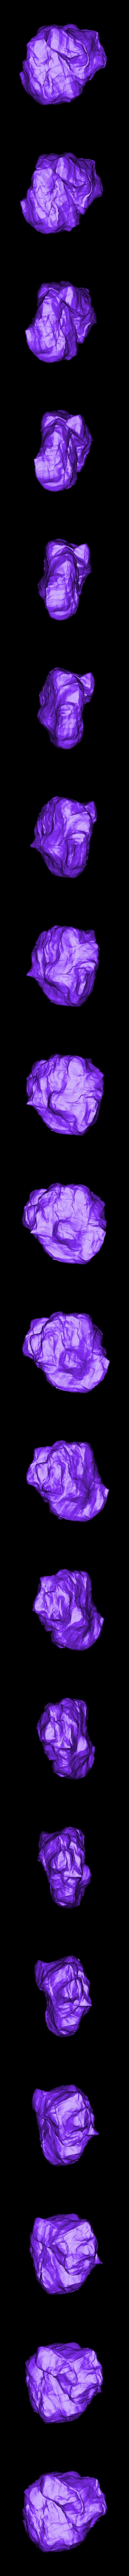 rock_SubTool6.stl Télécharger fichier STL gratuit Roches pour le wargame (collection de 18 roches haute résolution) • Design pour impression 3D, BREXIT